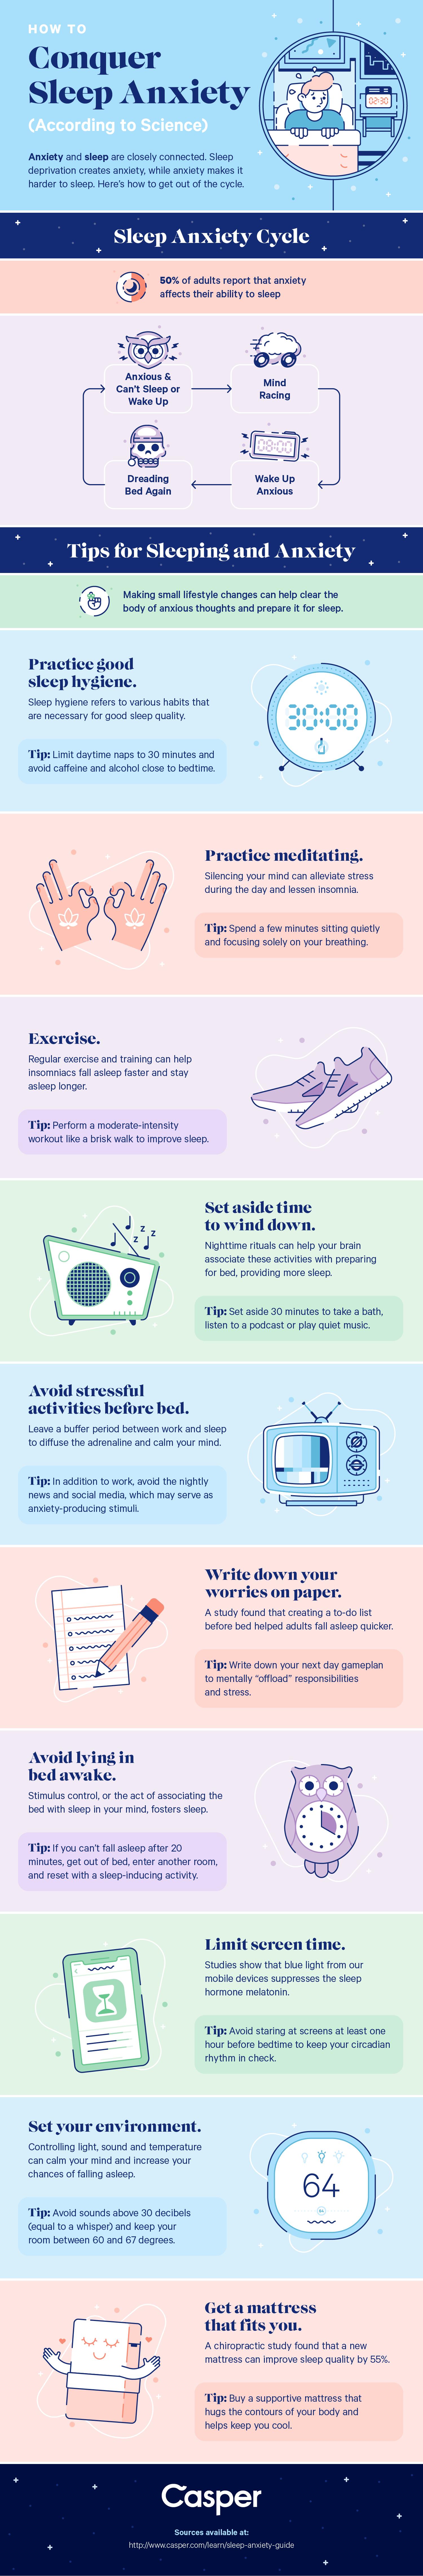 sleep anxiety infographic